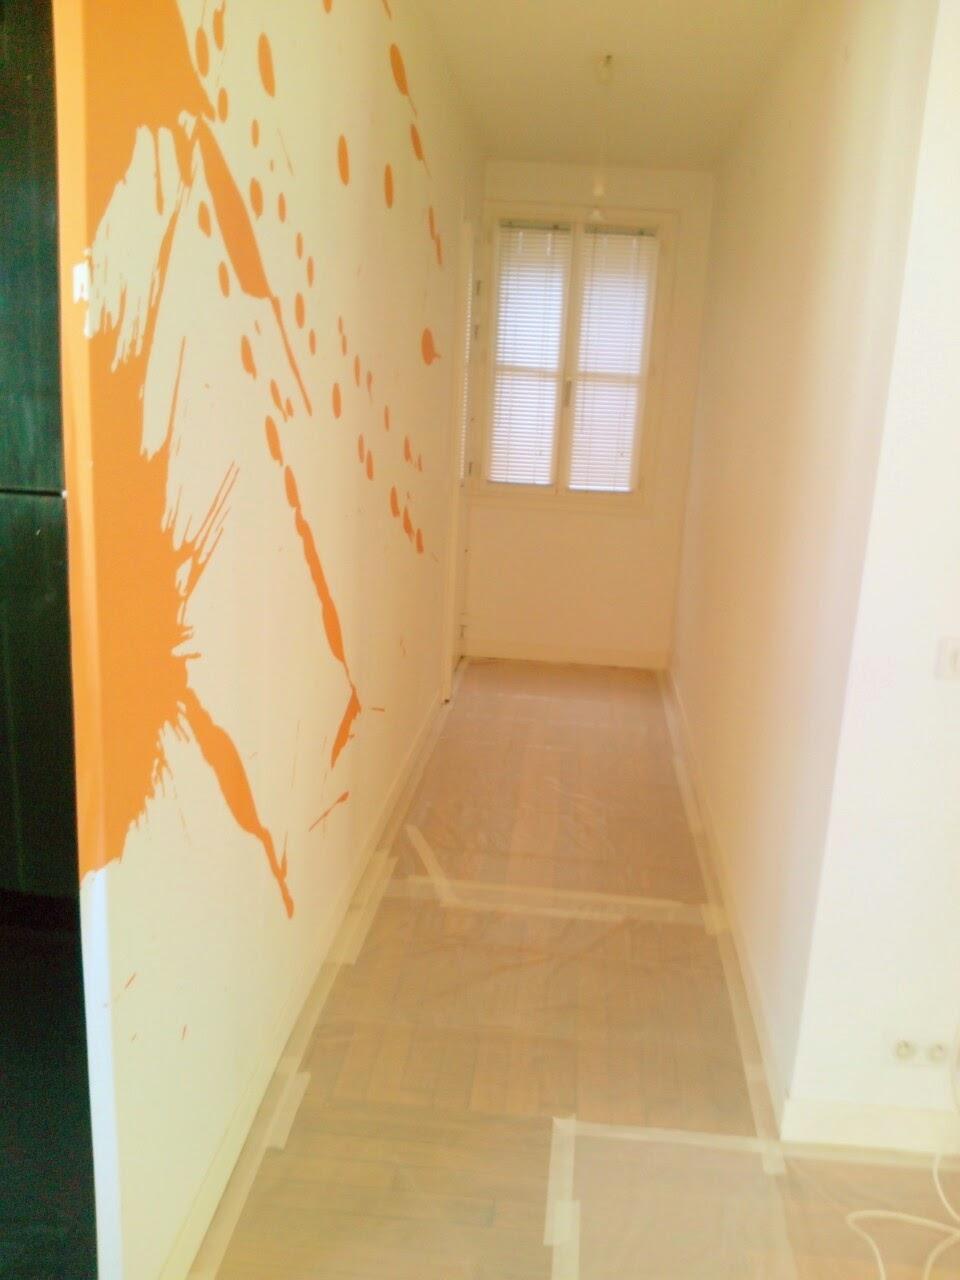 prix pour une salle de bain villeneuve d 39 ascq site de l 39 ecole hassania des travaux publics. Black Bedroom Furniture Sets. Home Design Ideas